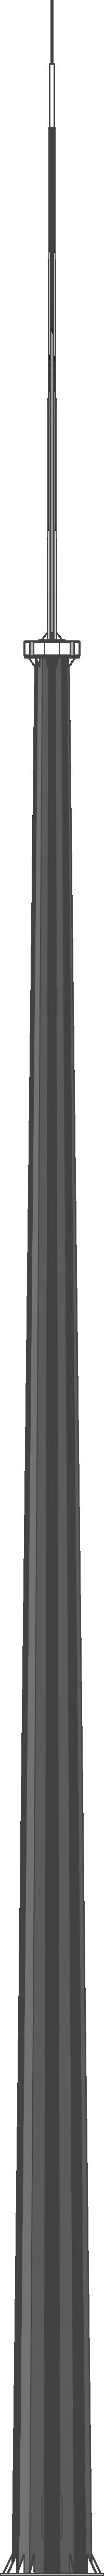 Молниеотвод граненый (МОГК)